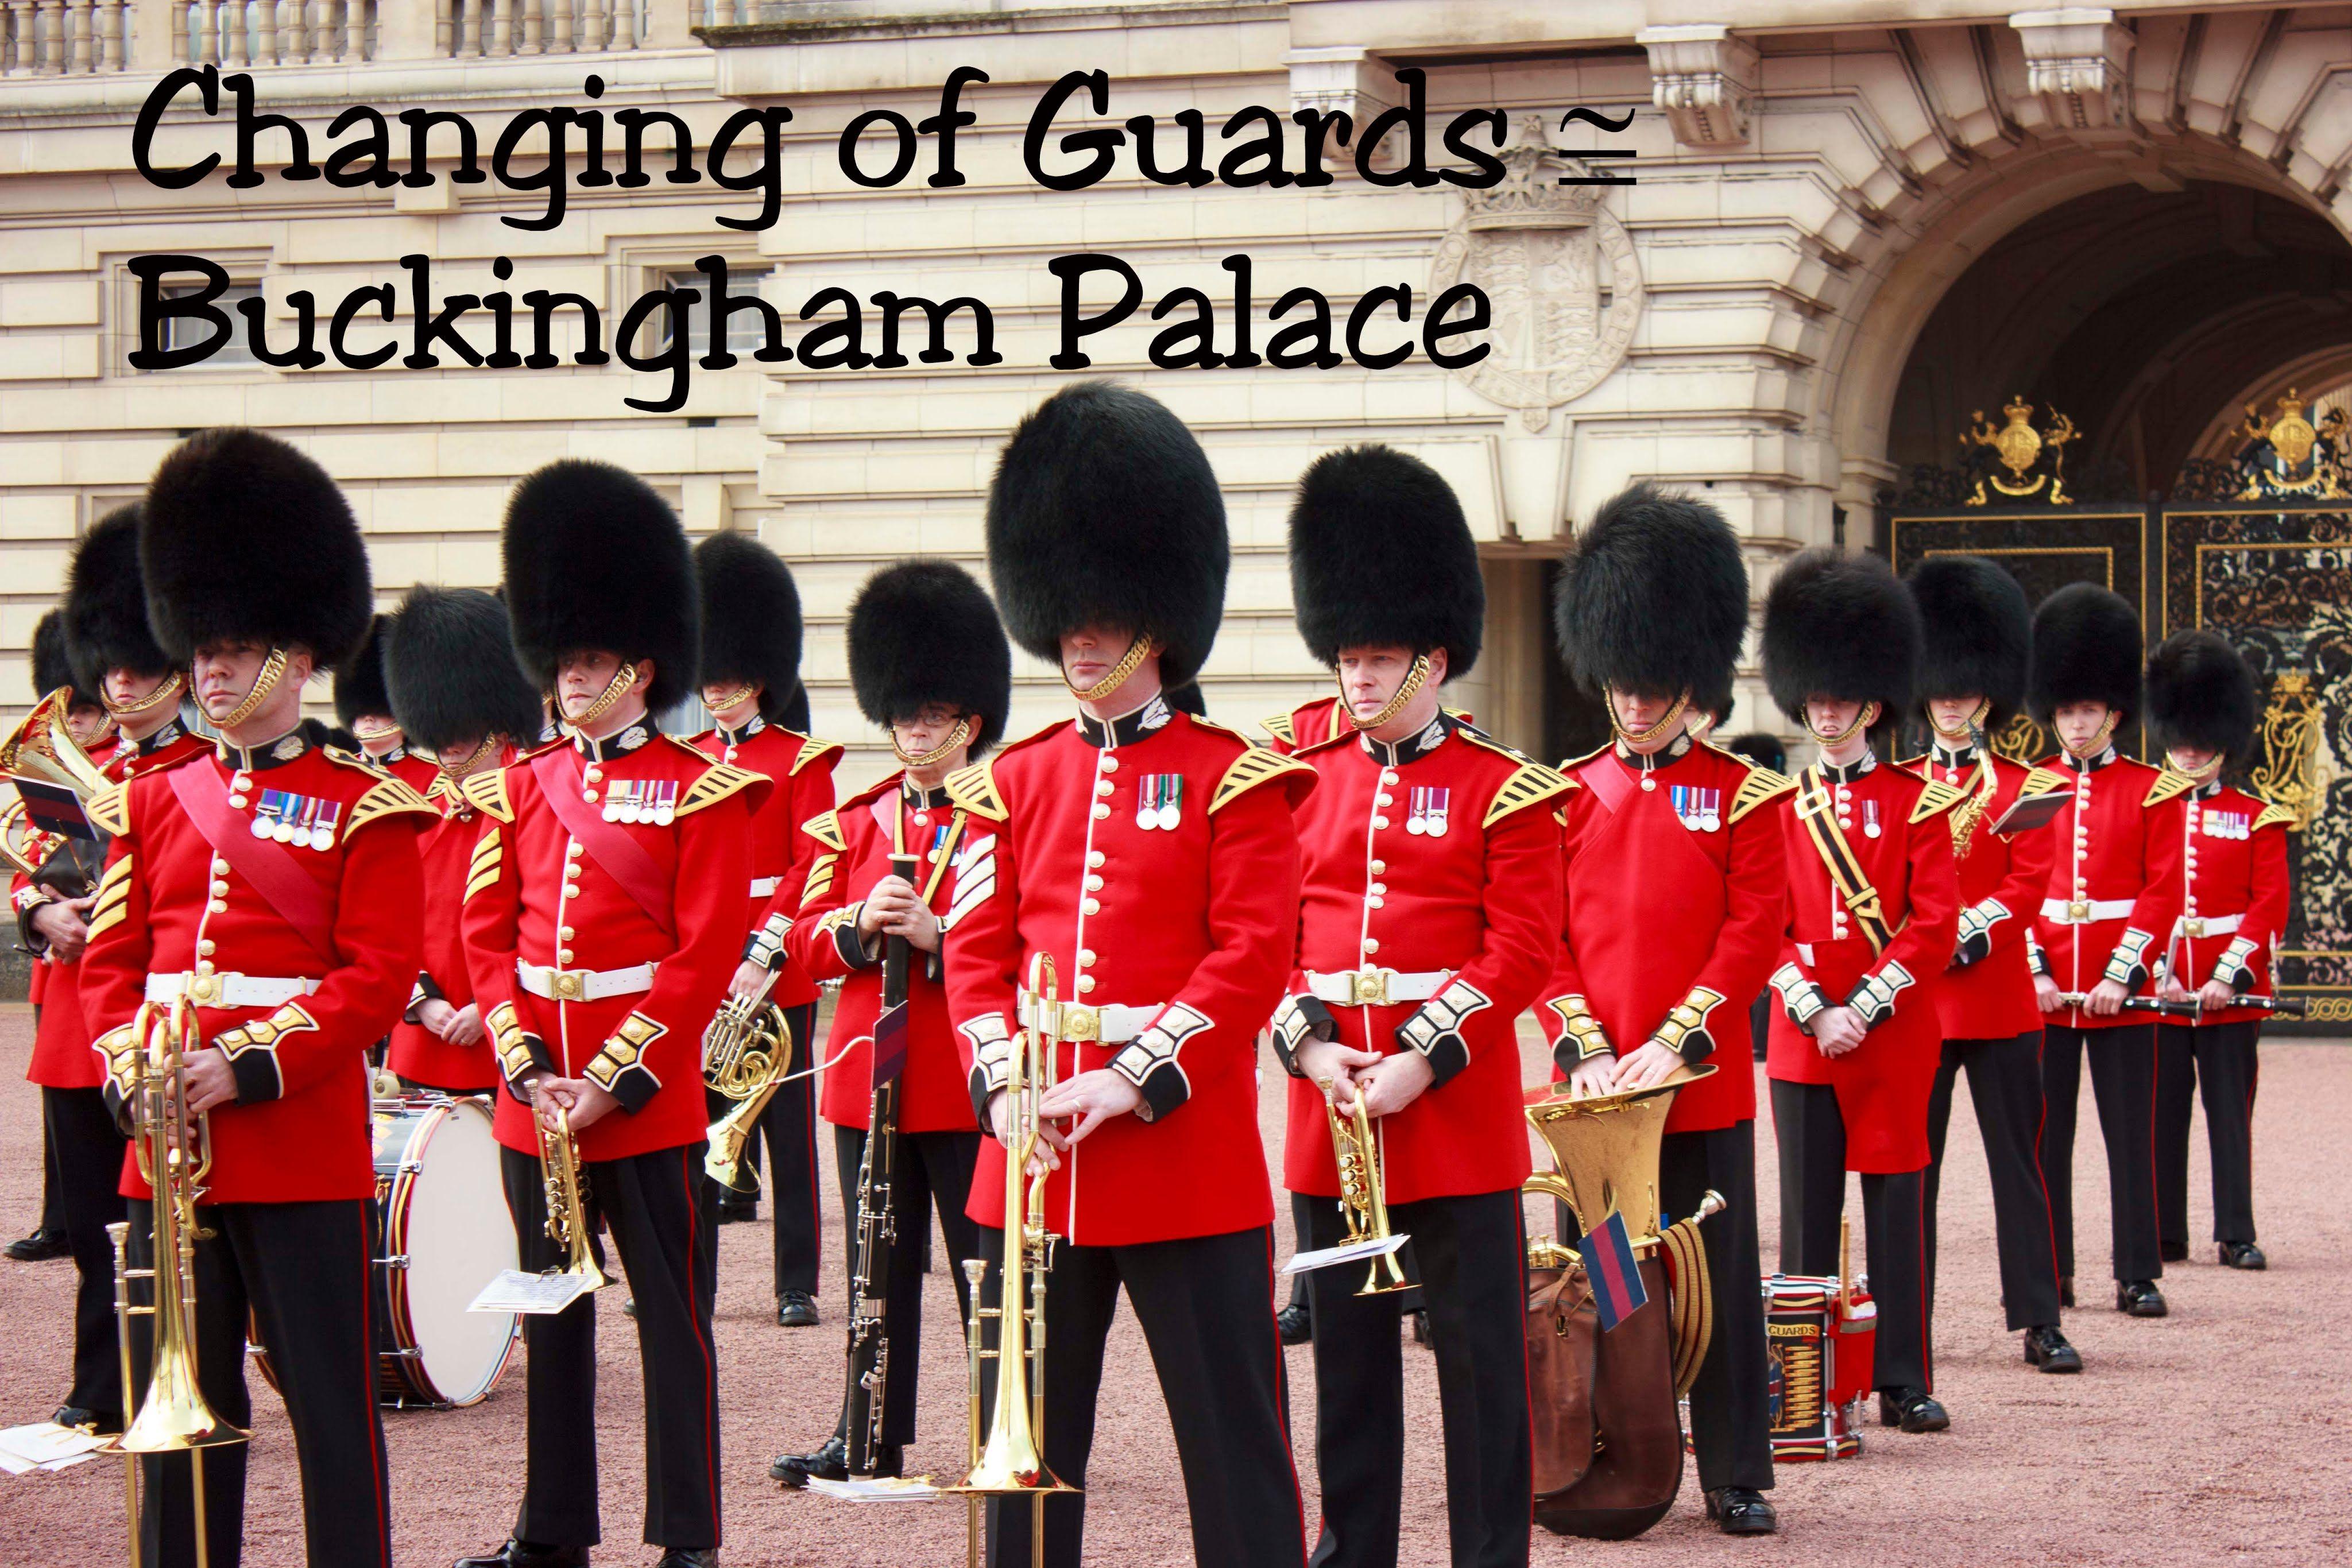 Changing Guard Buckingham Palace London Uk 2016 Youtube Buckingham Palace London Uk Buckingham